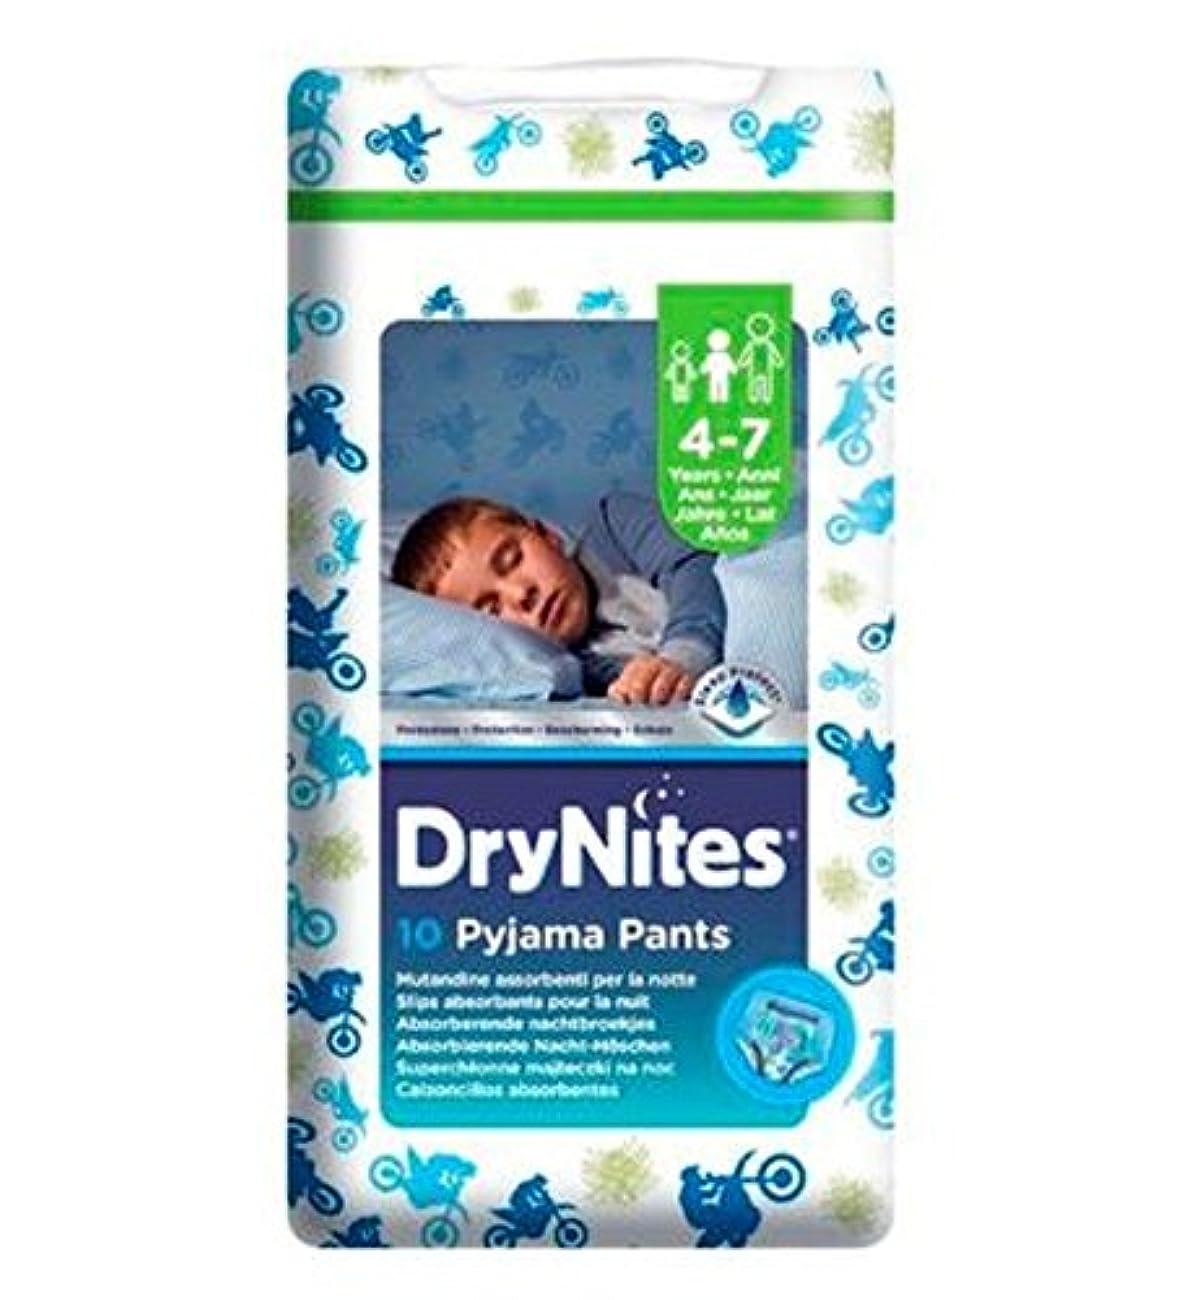 分布債務休日に4-7年間ズボンの男の子を湿潤ハギーズDrynites?パジャマベッド - 10パンツ (Huggies) (x2) - Huggies DryNites? Pyjama Bed Wetting Pants Boys 4...